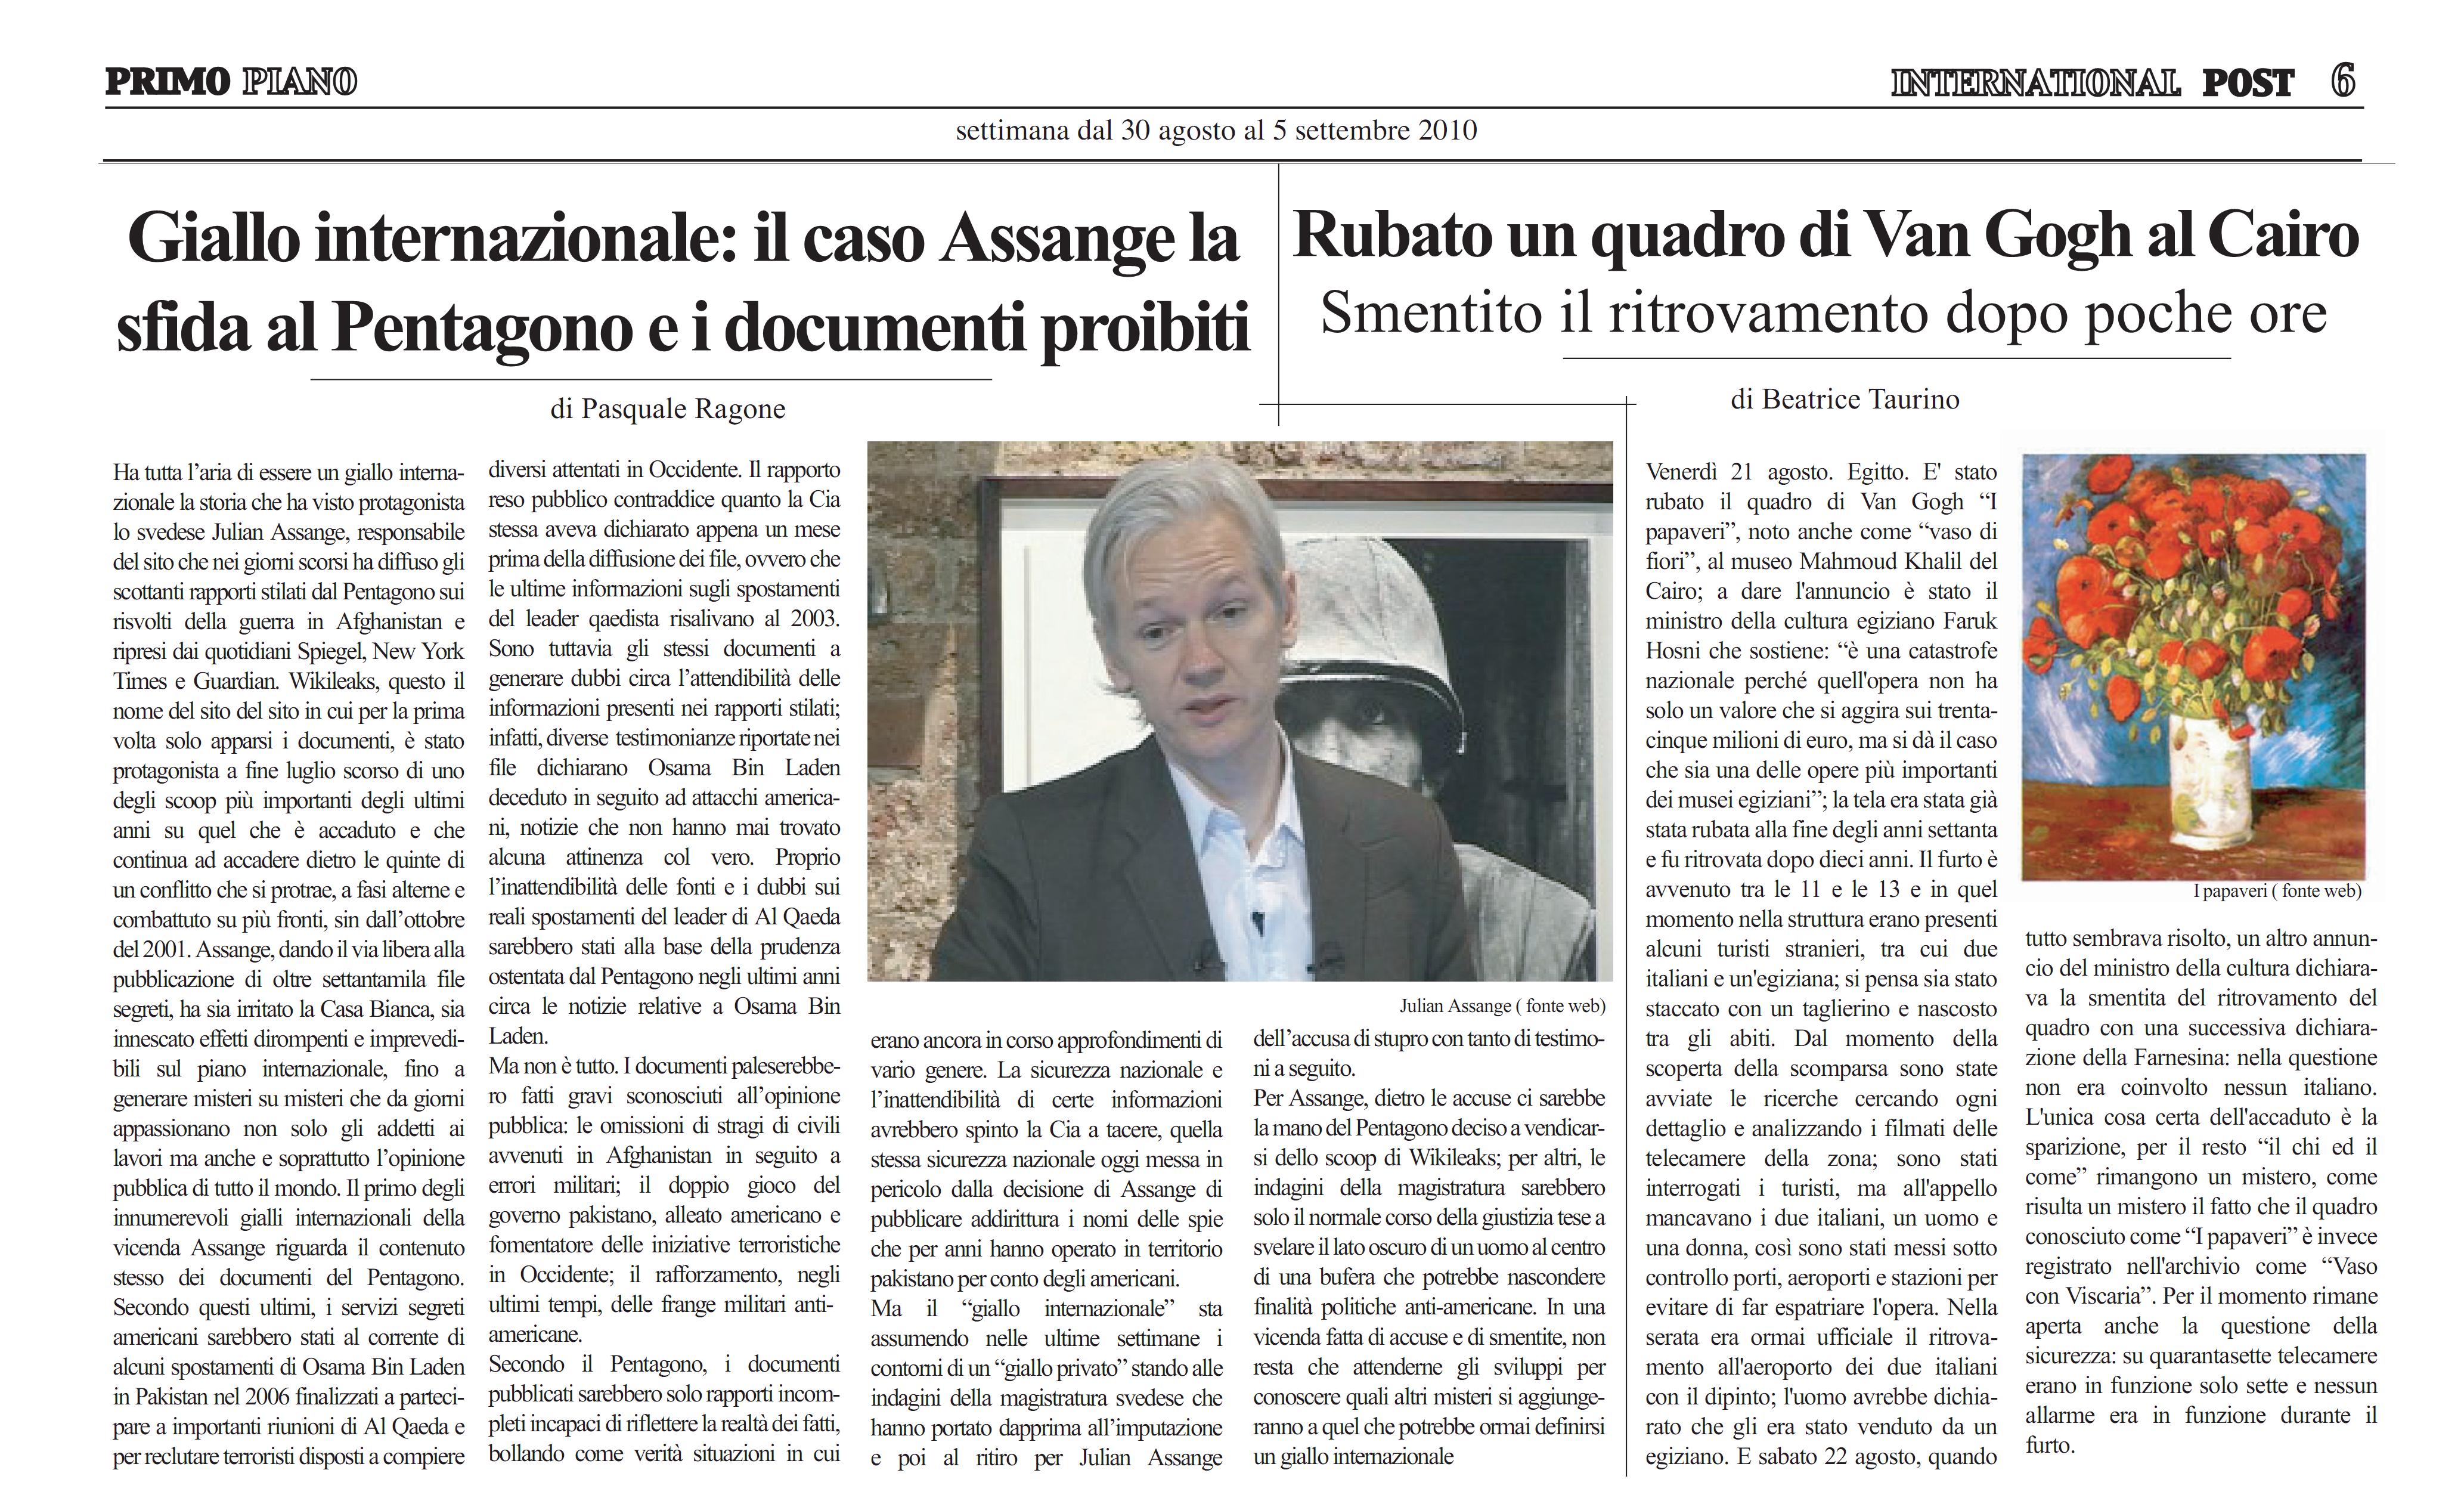 Julian Assange sfida il Pentagono, giallo internazionale